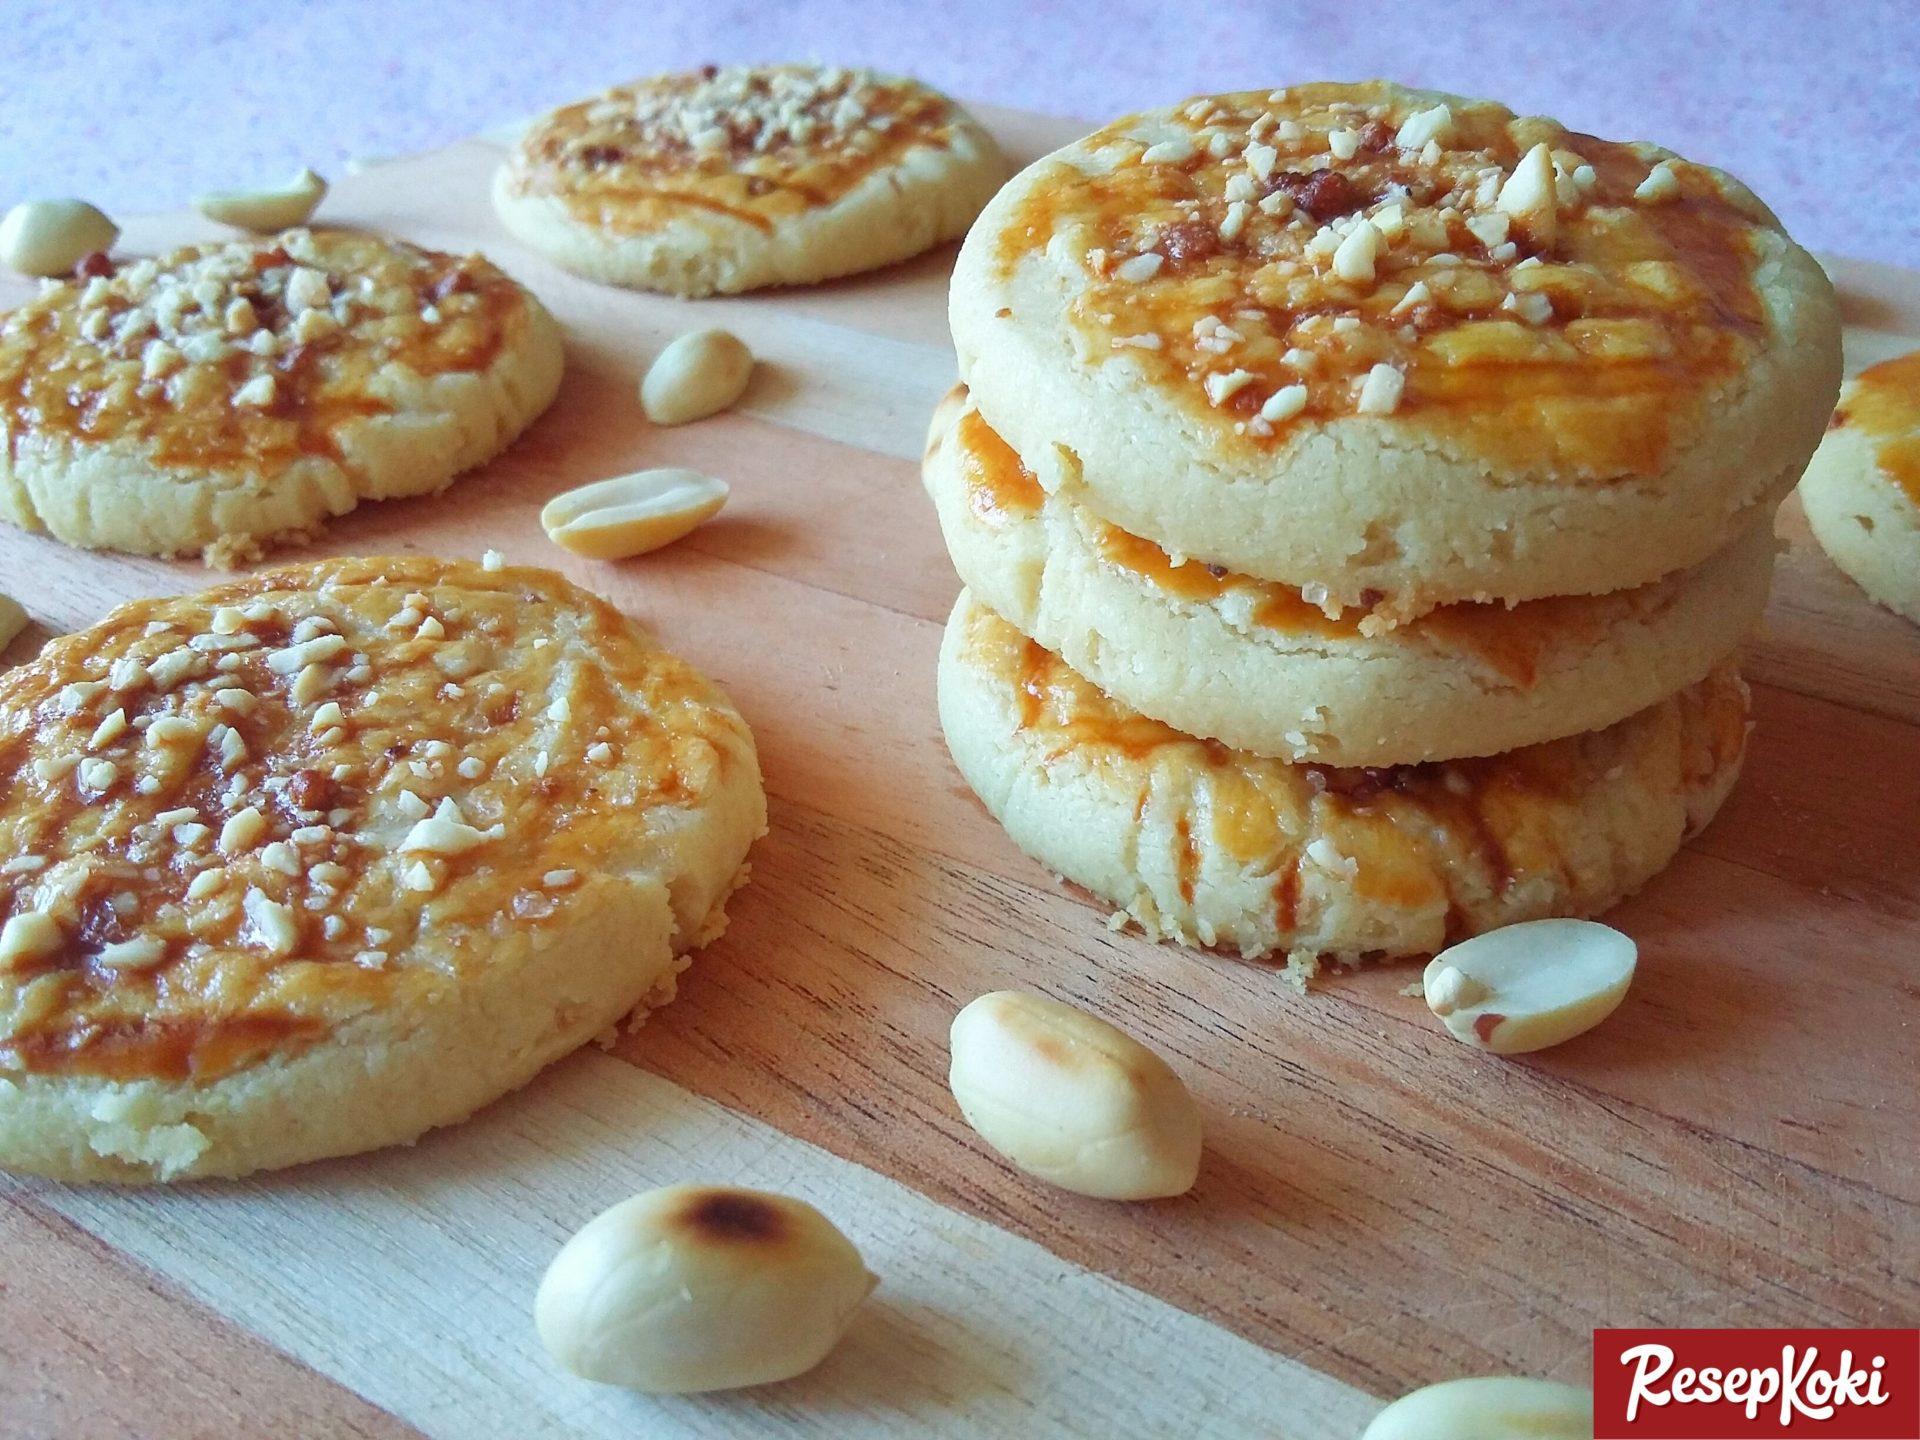 kue kacang gurih  super creamy resep resepkoki Resepi Nasi Minyak Tanpa Susu Cair Enak dan Mudah